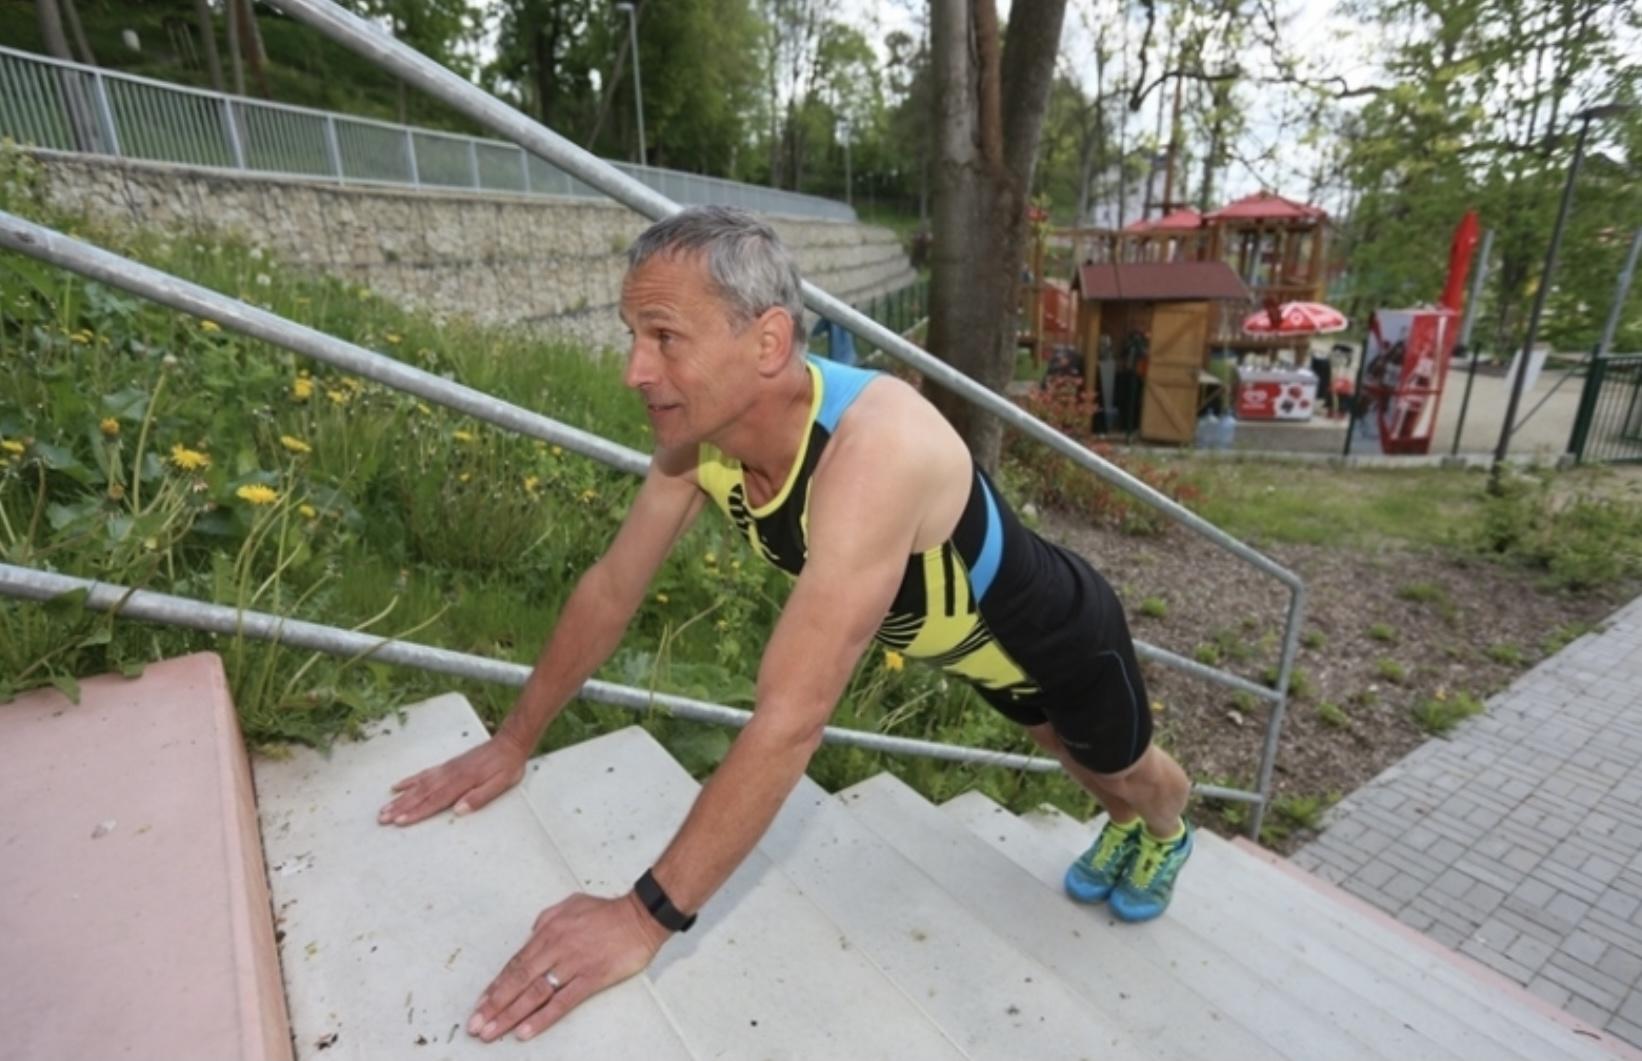 Schází ti kopce, běhej a cvič na schodech - krokodýl 1